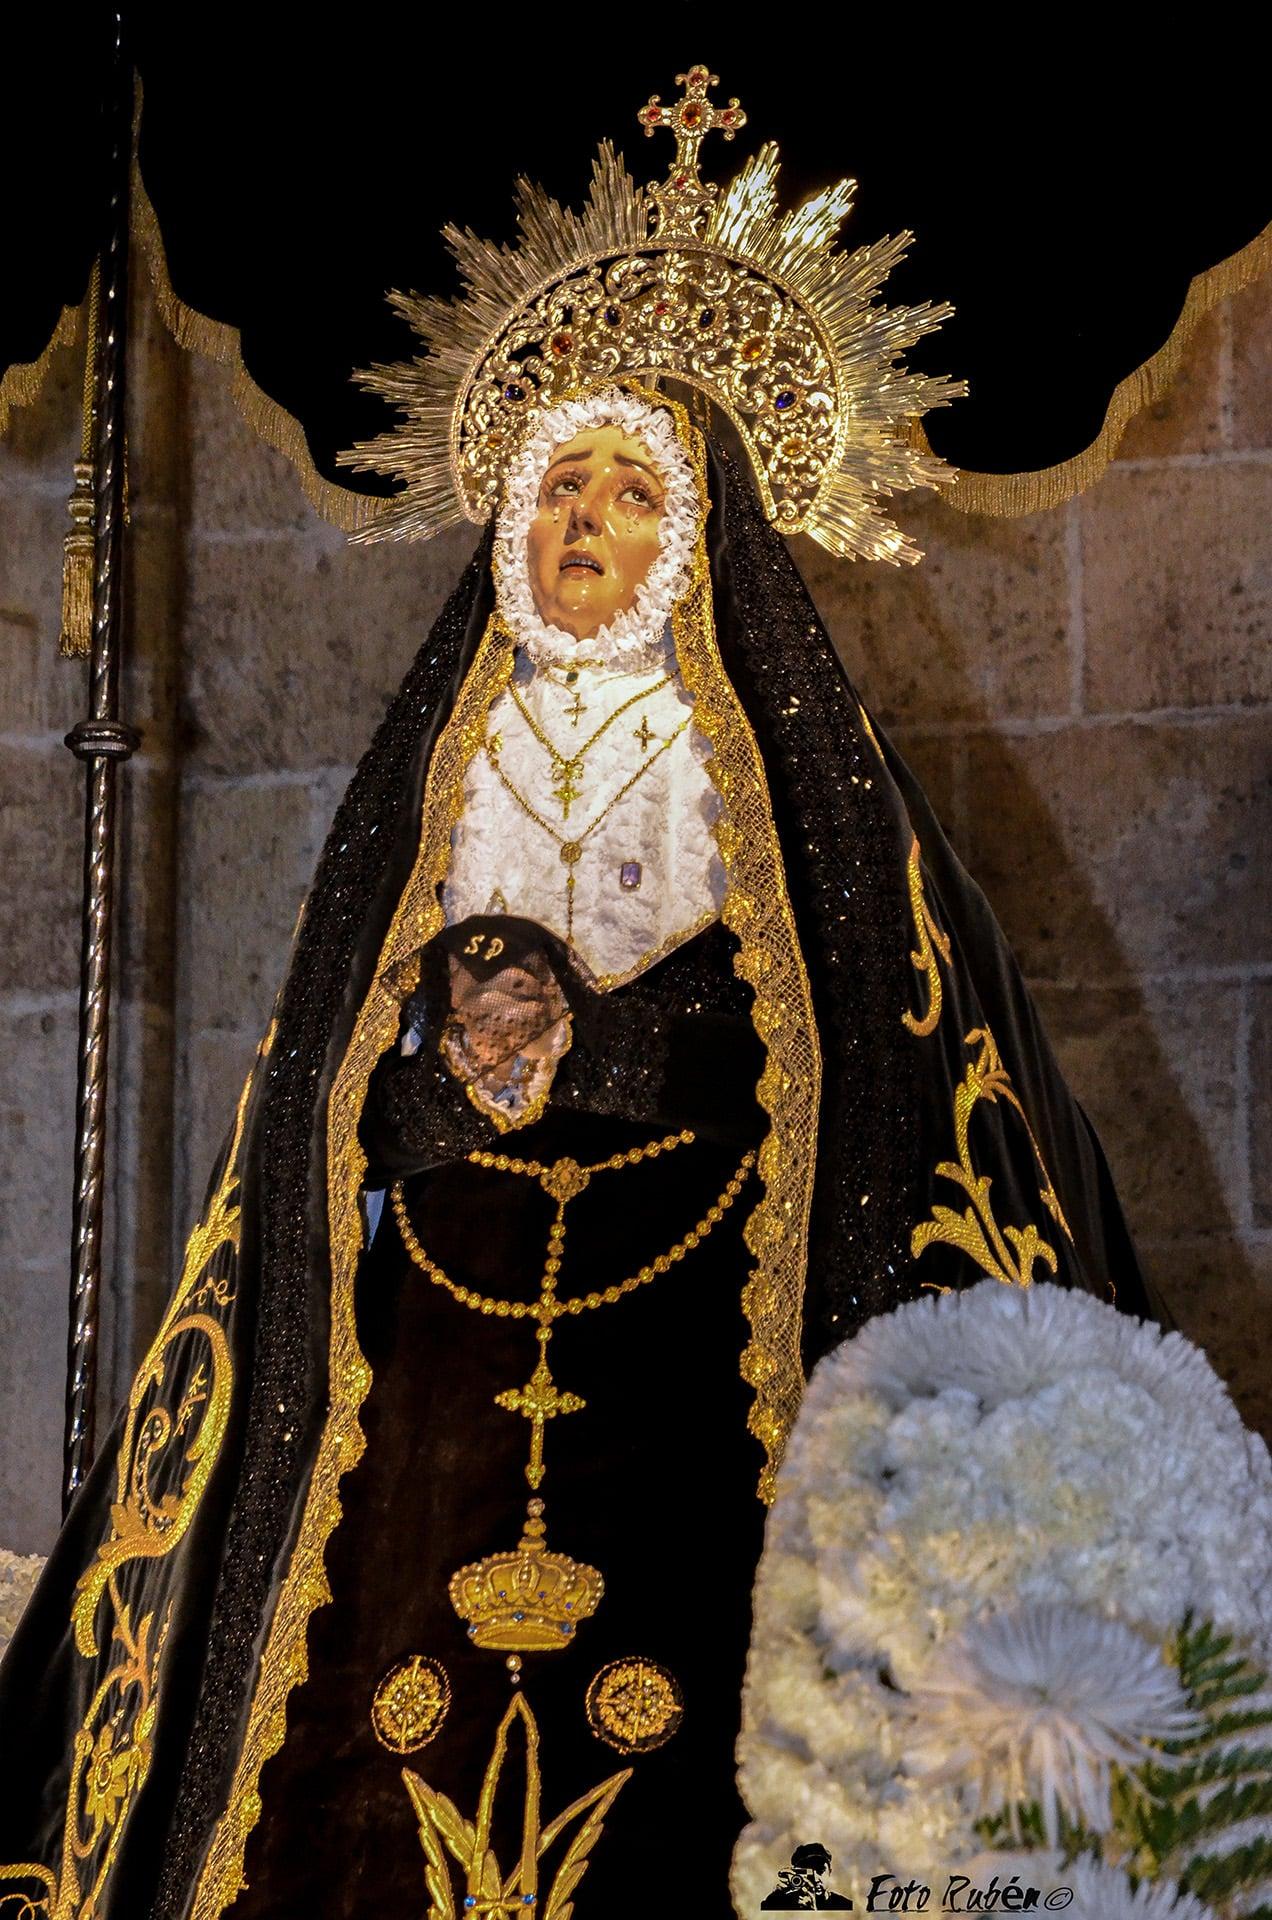 Procesión de Ntra. Sra. de la Soledad Dolorosa, Segovia 3